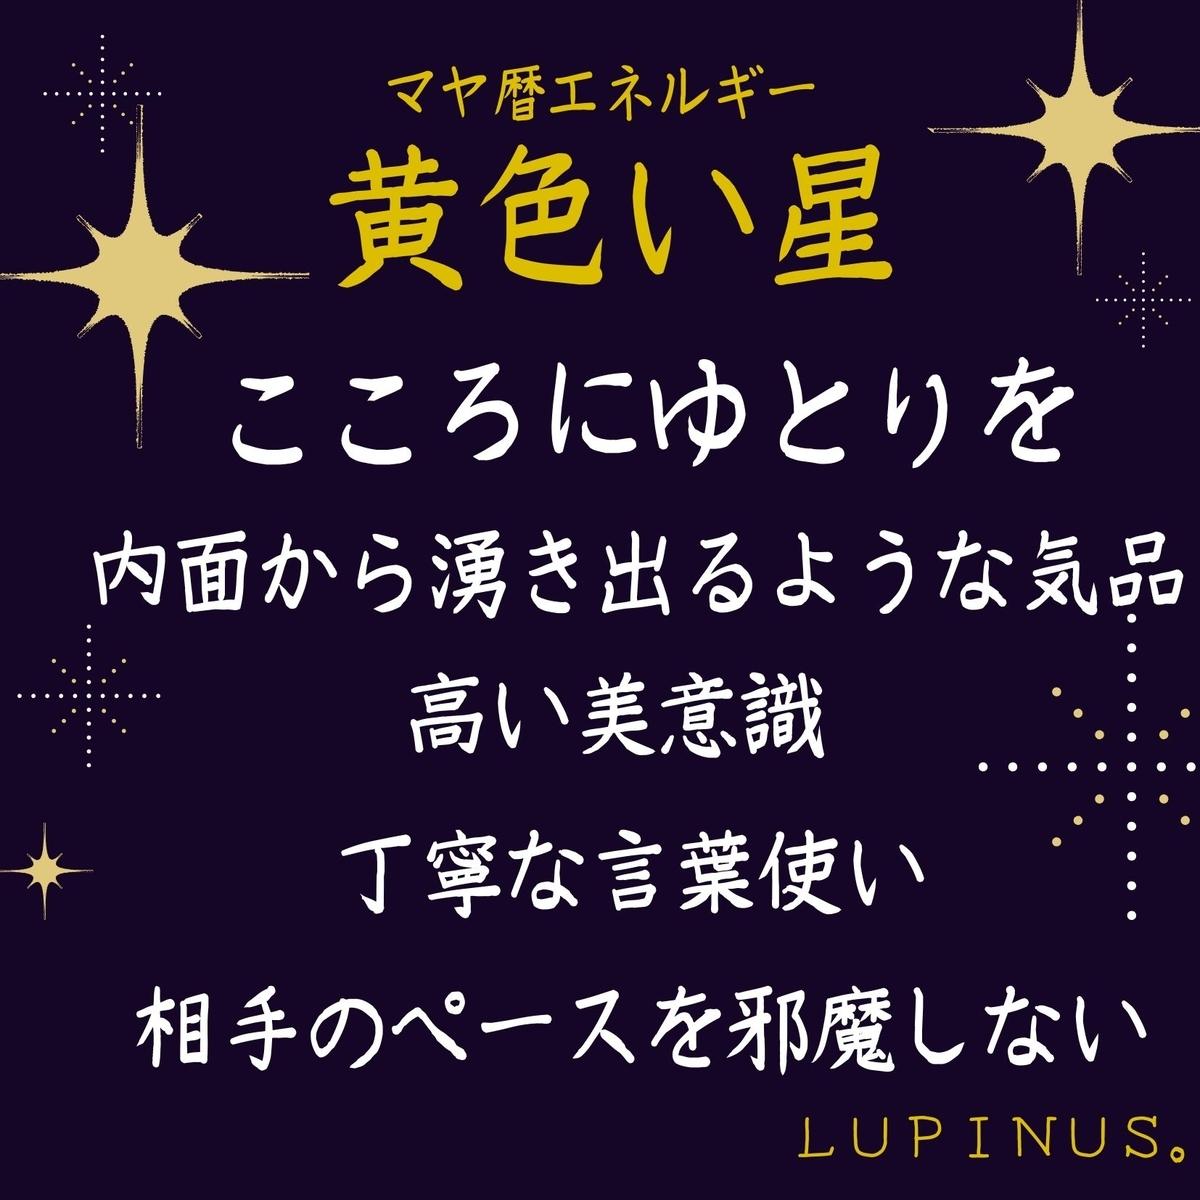 f:id:Lupinus104:20200308080825j:plain